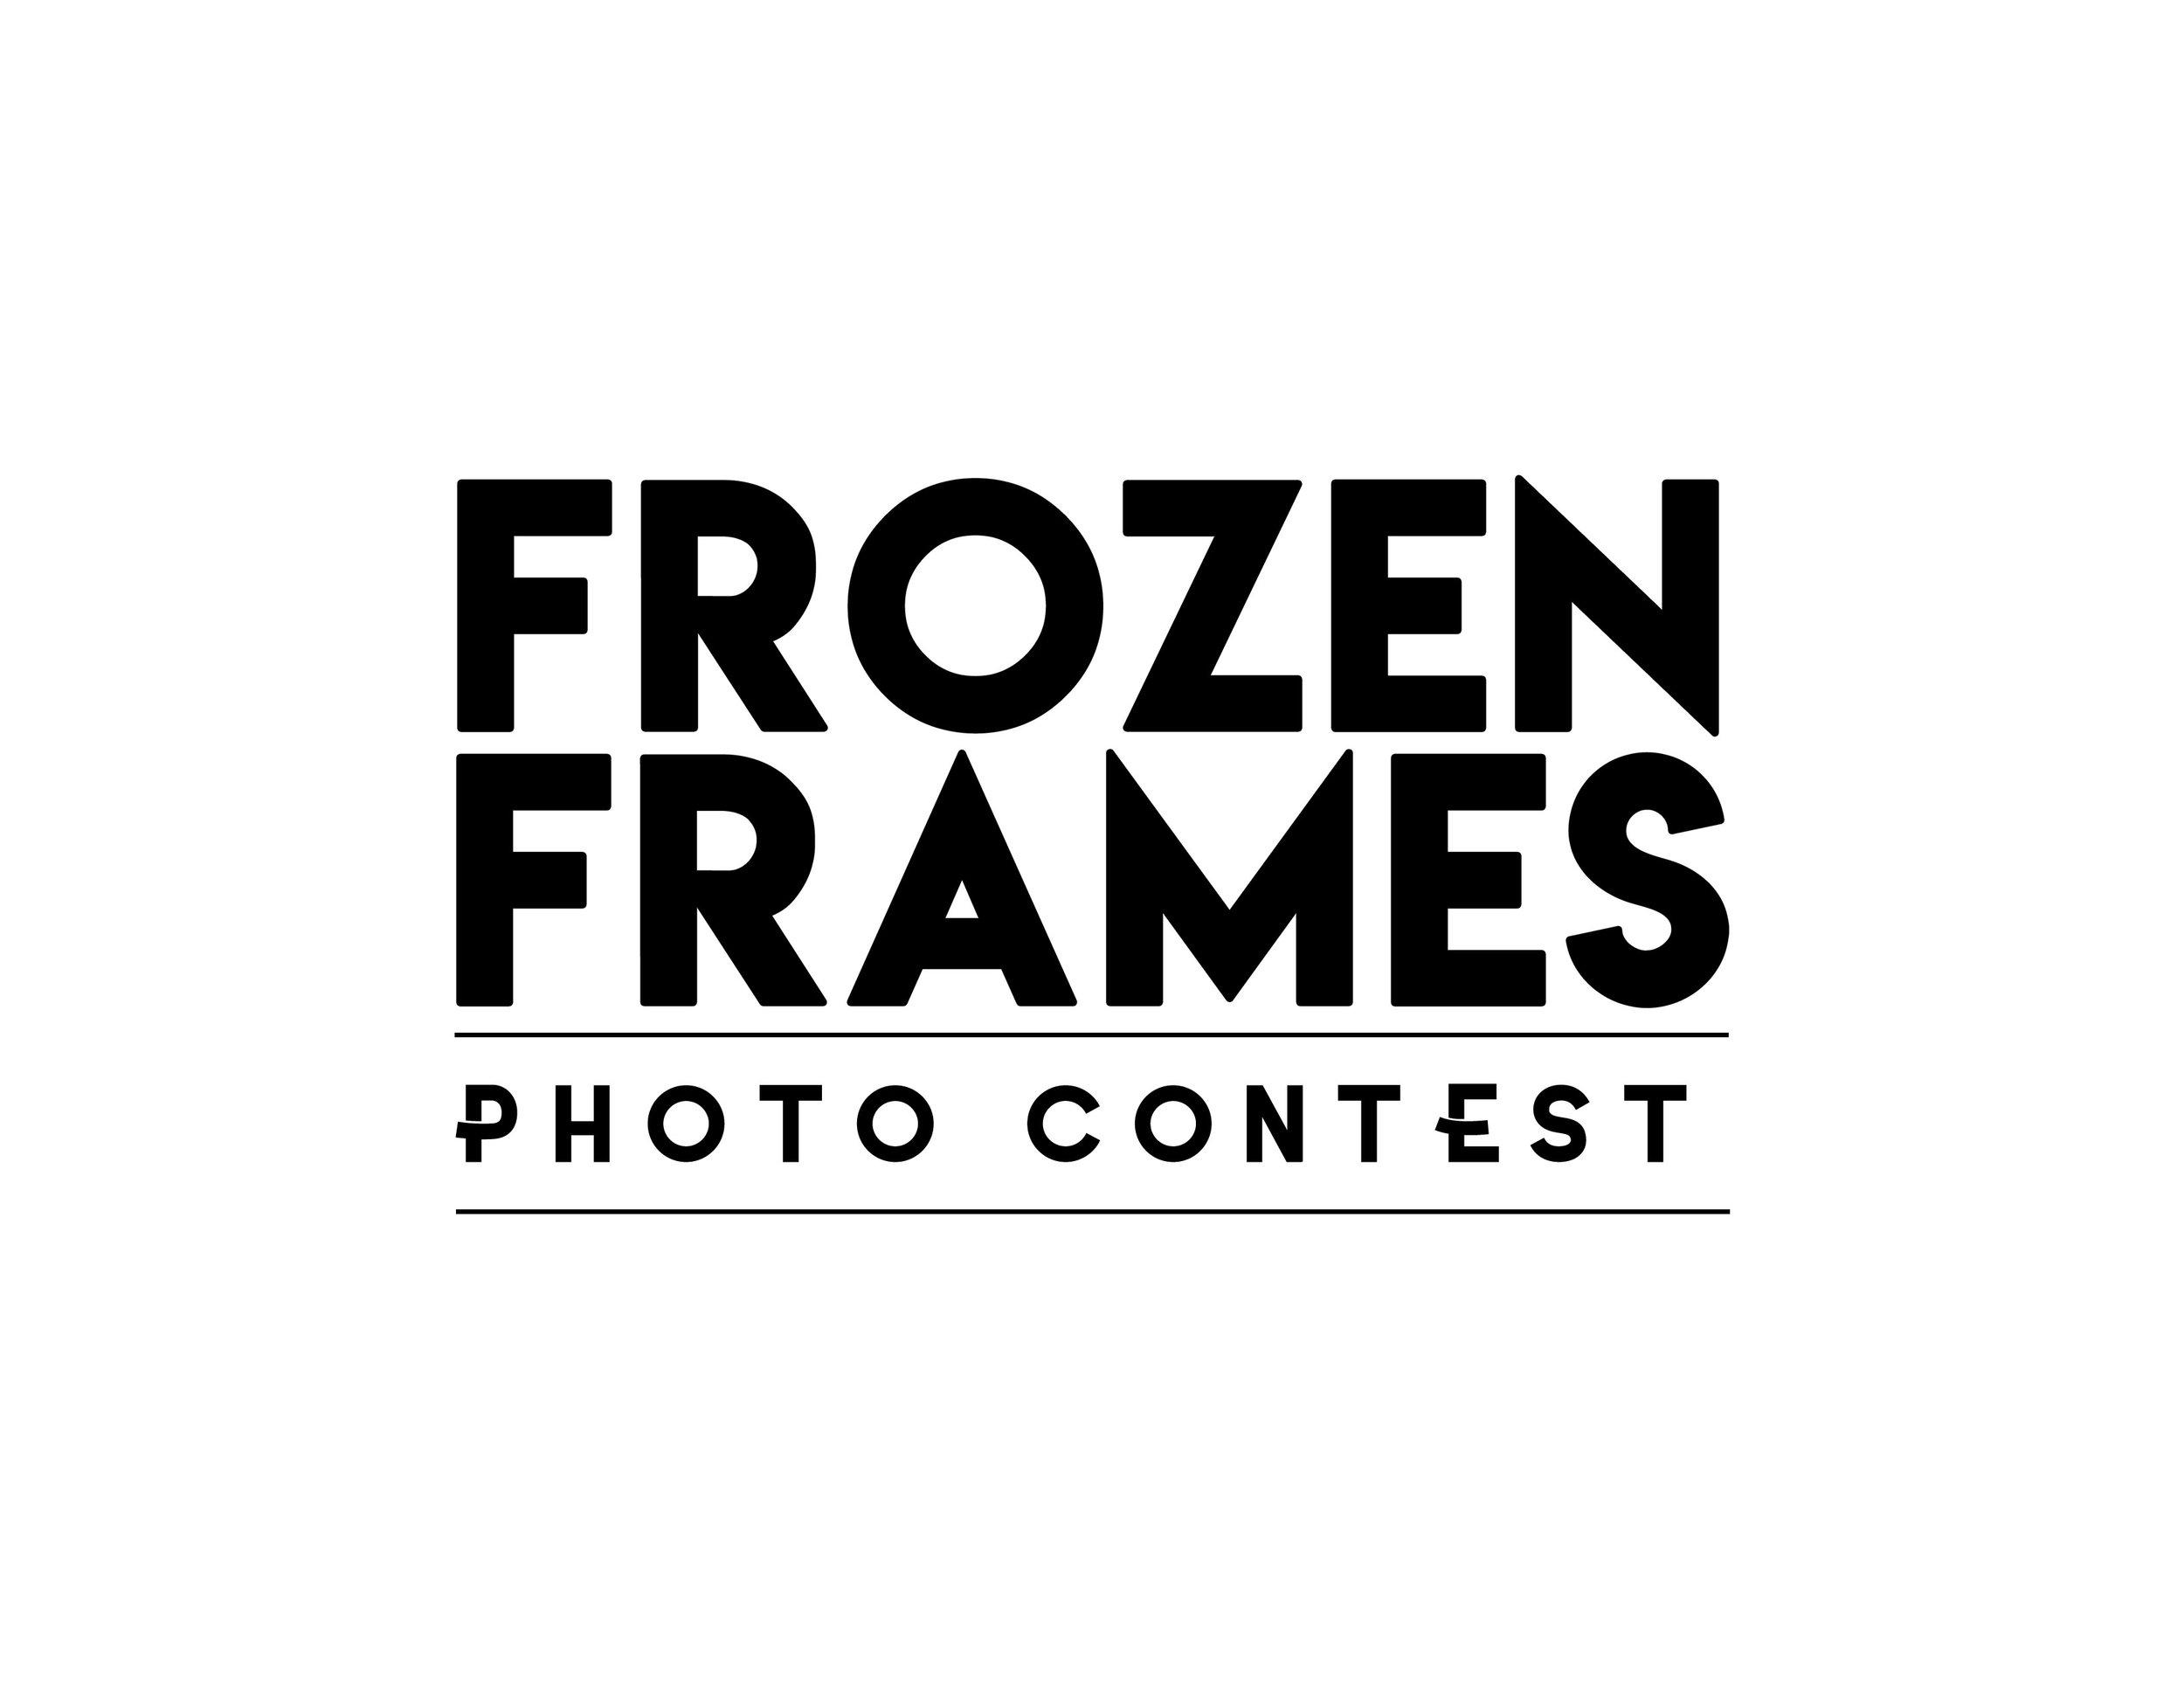 frozen frames photo contest strip blk.jpg